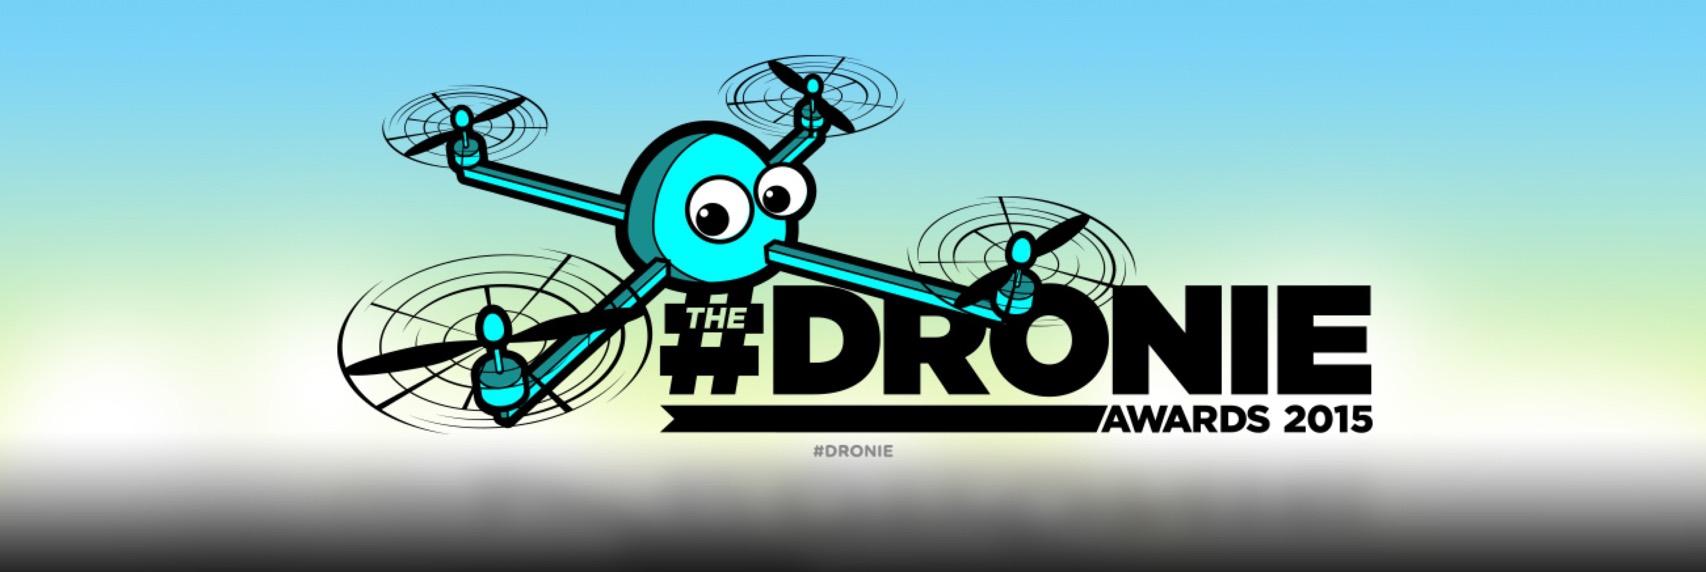 Adafruit Dronie Blog 2-1